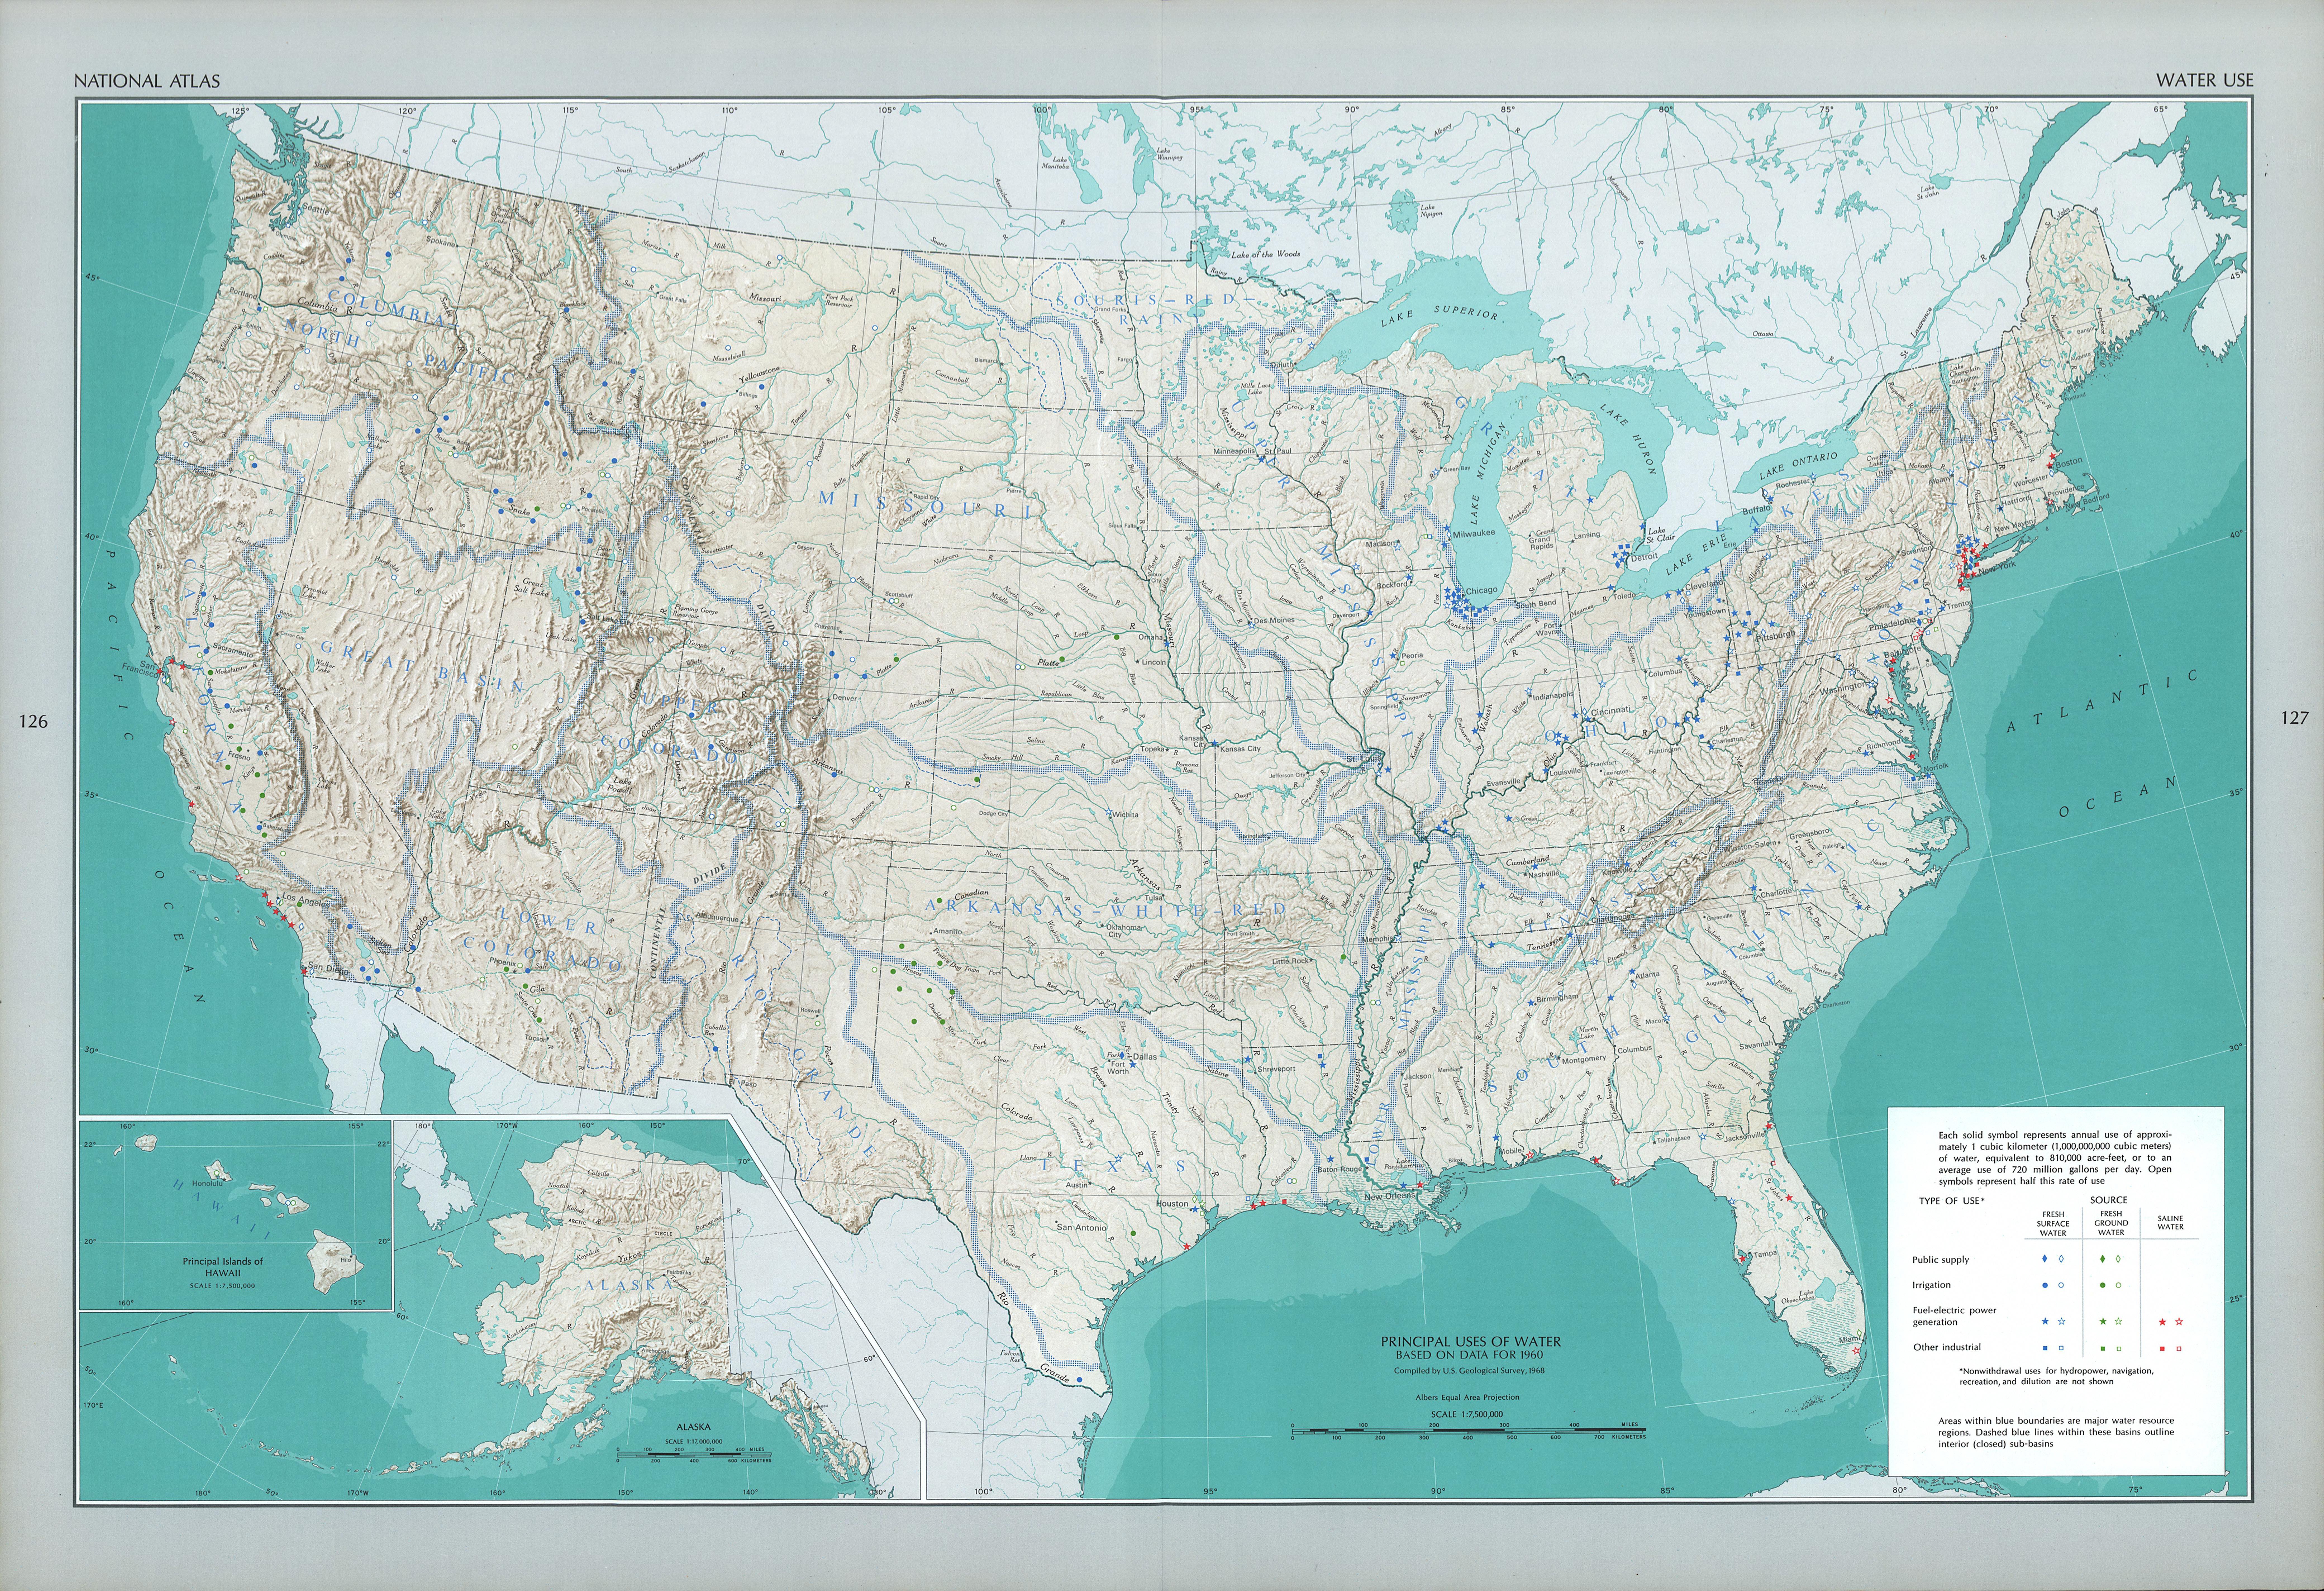 Mapa del Uso del Agua en Estados Unidos